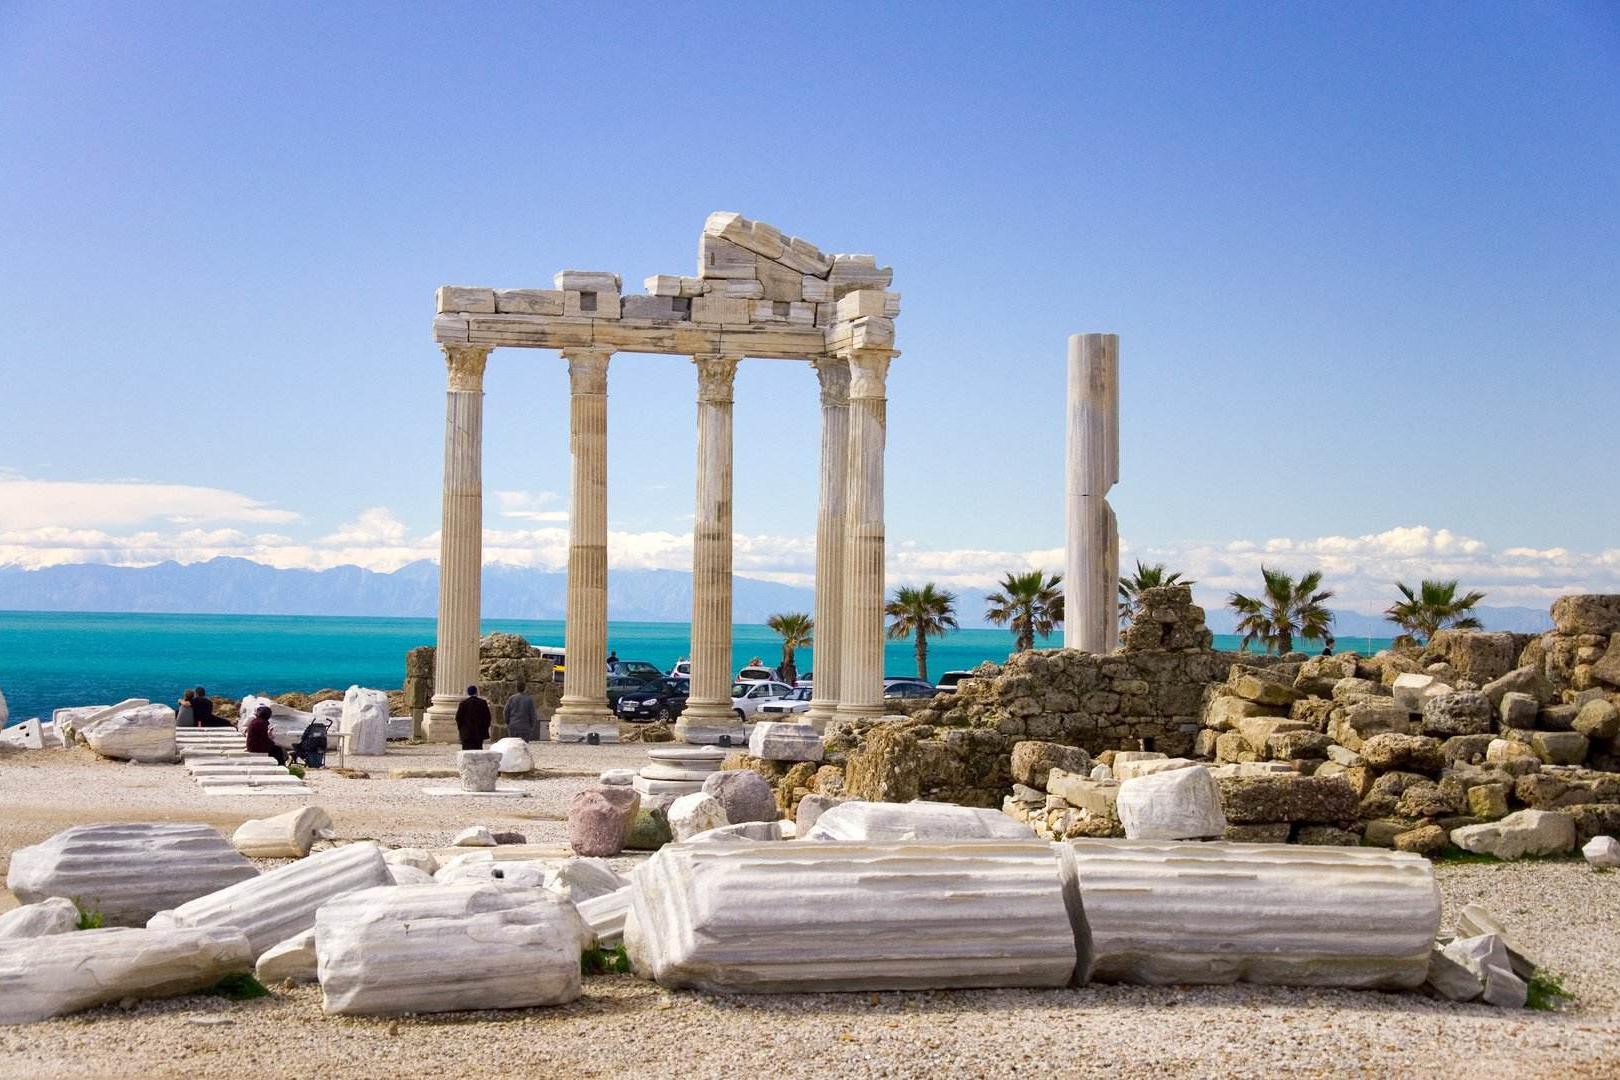 今年希腊人均GDP有可能降至1.7万美元,还算是发达国家吗?